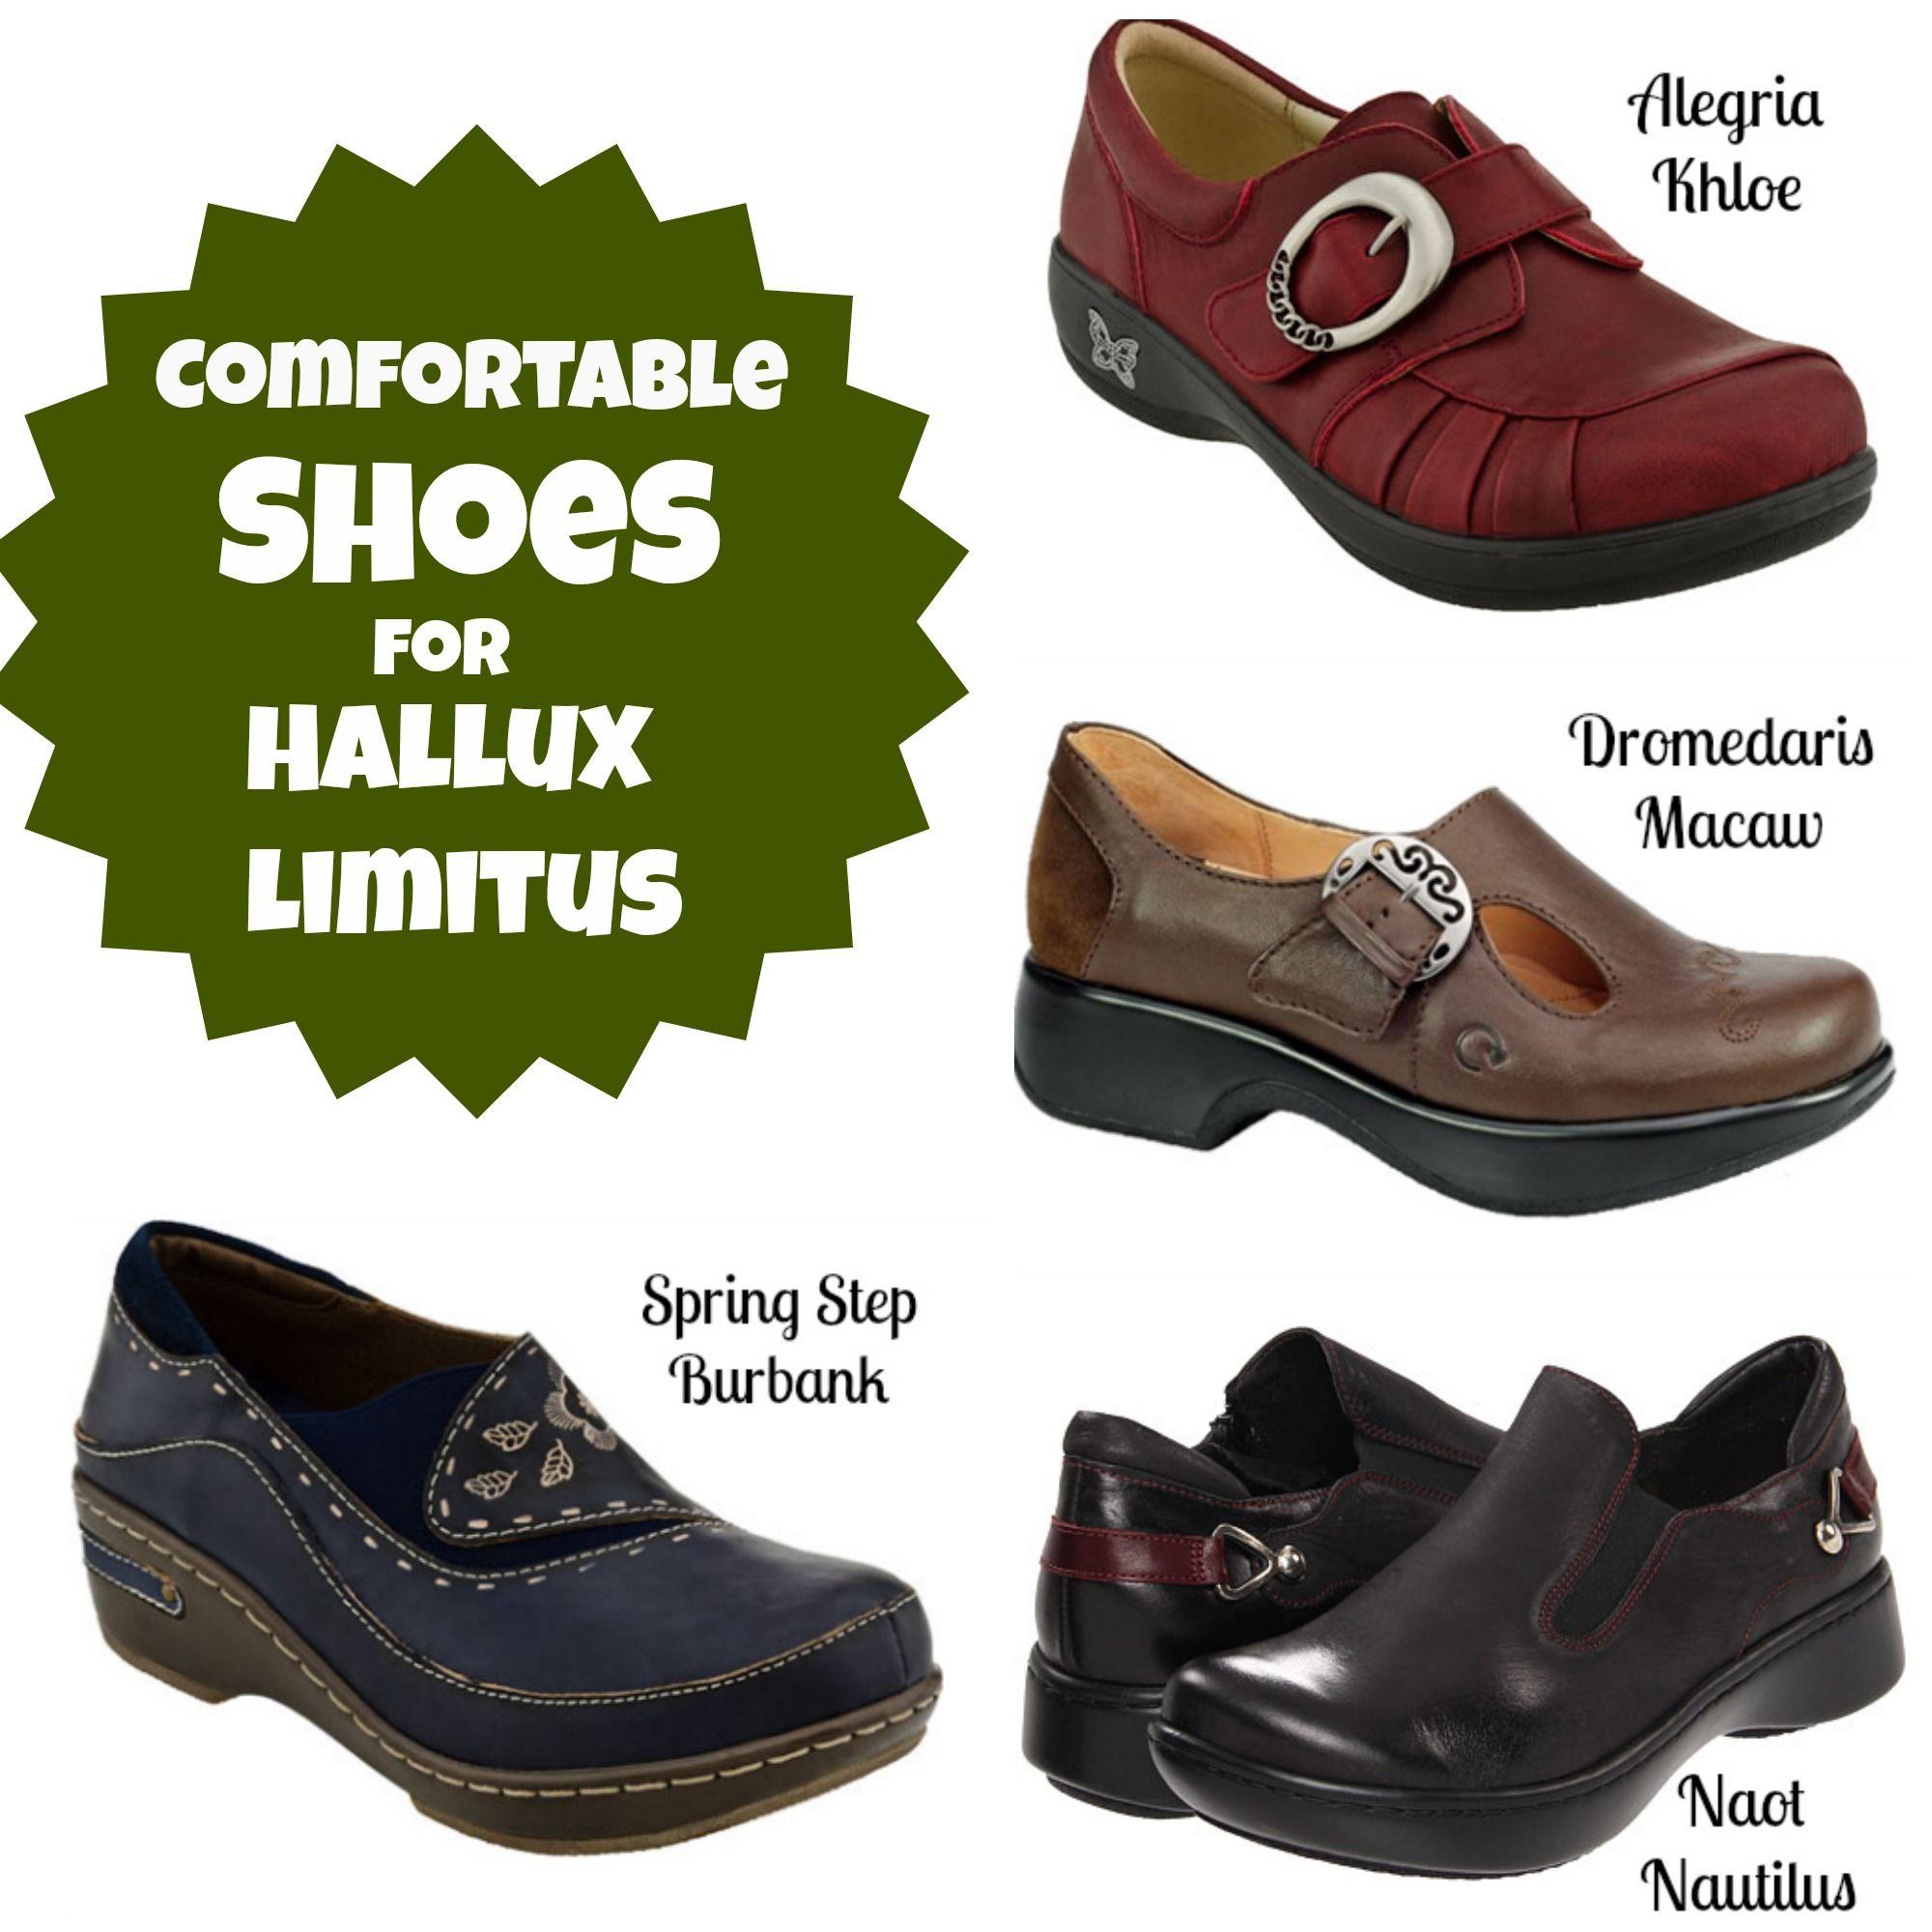 Hallux Rigidus Shoes (and Hallux Limitus) 5 Solid Options